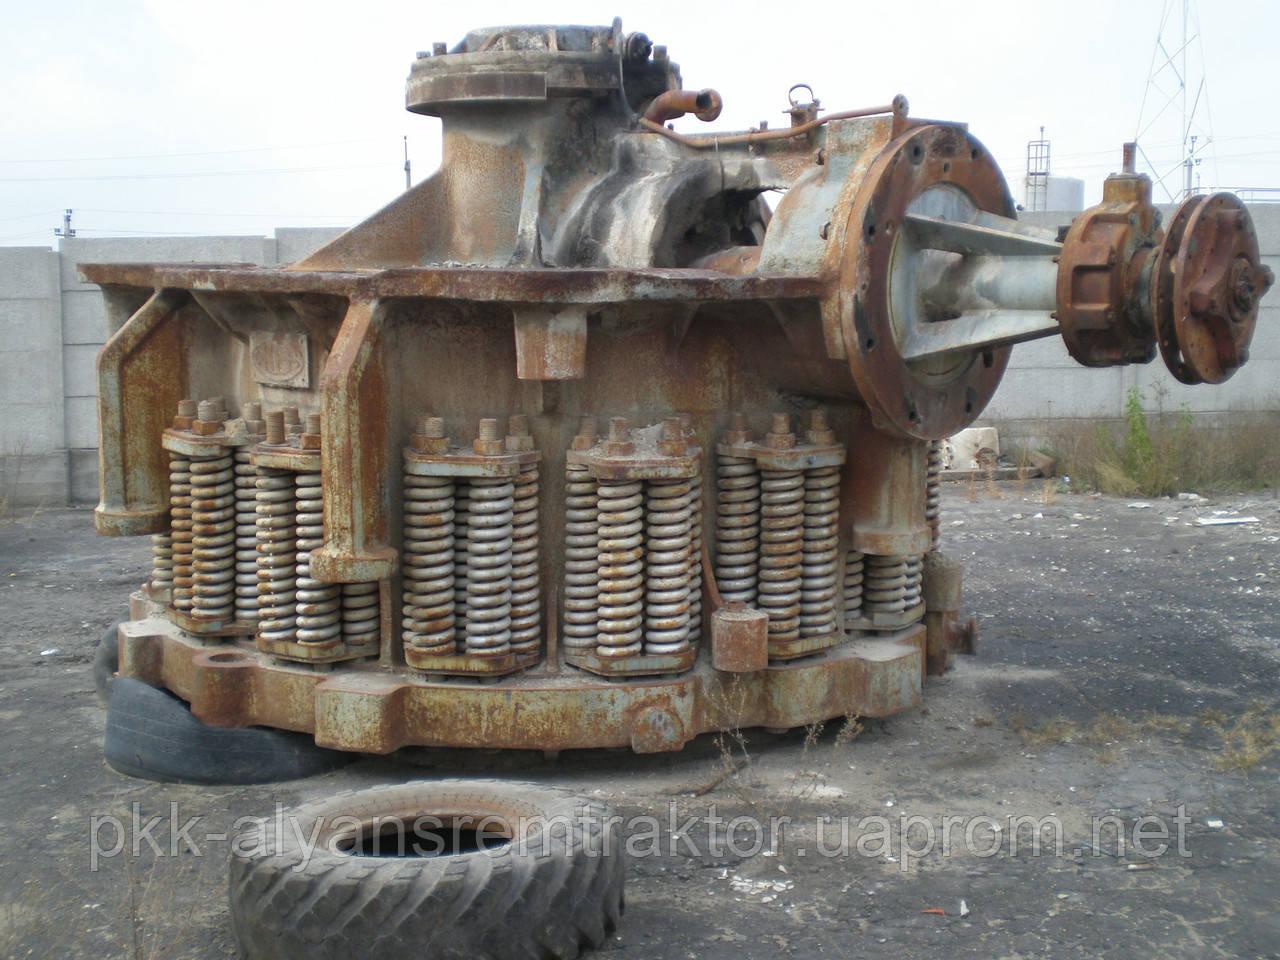 Дробилка ксд-2200 купить барабанный грохот в Усть-Илимск